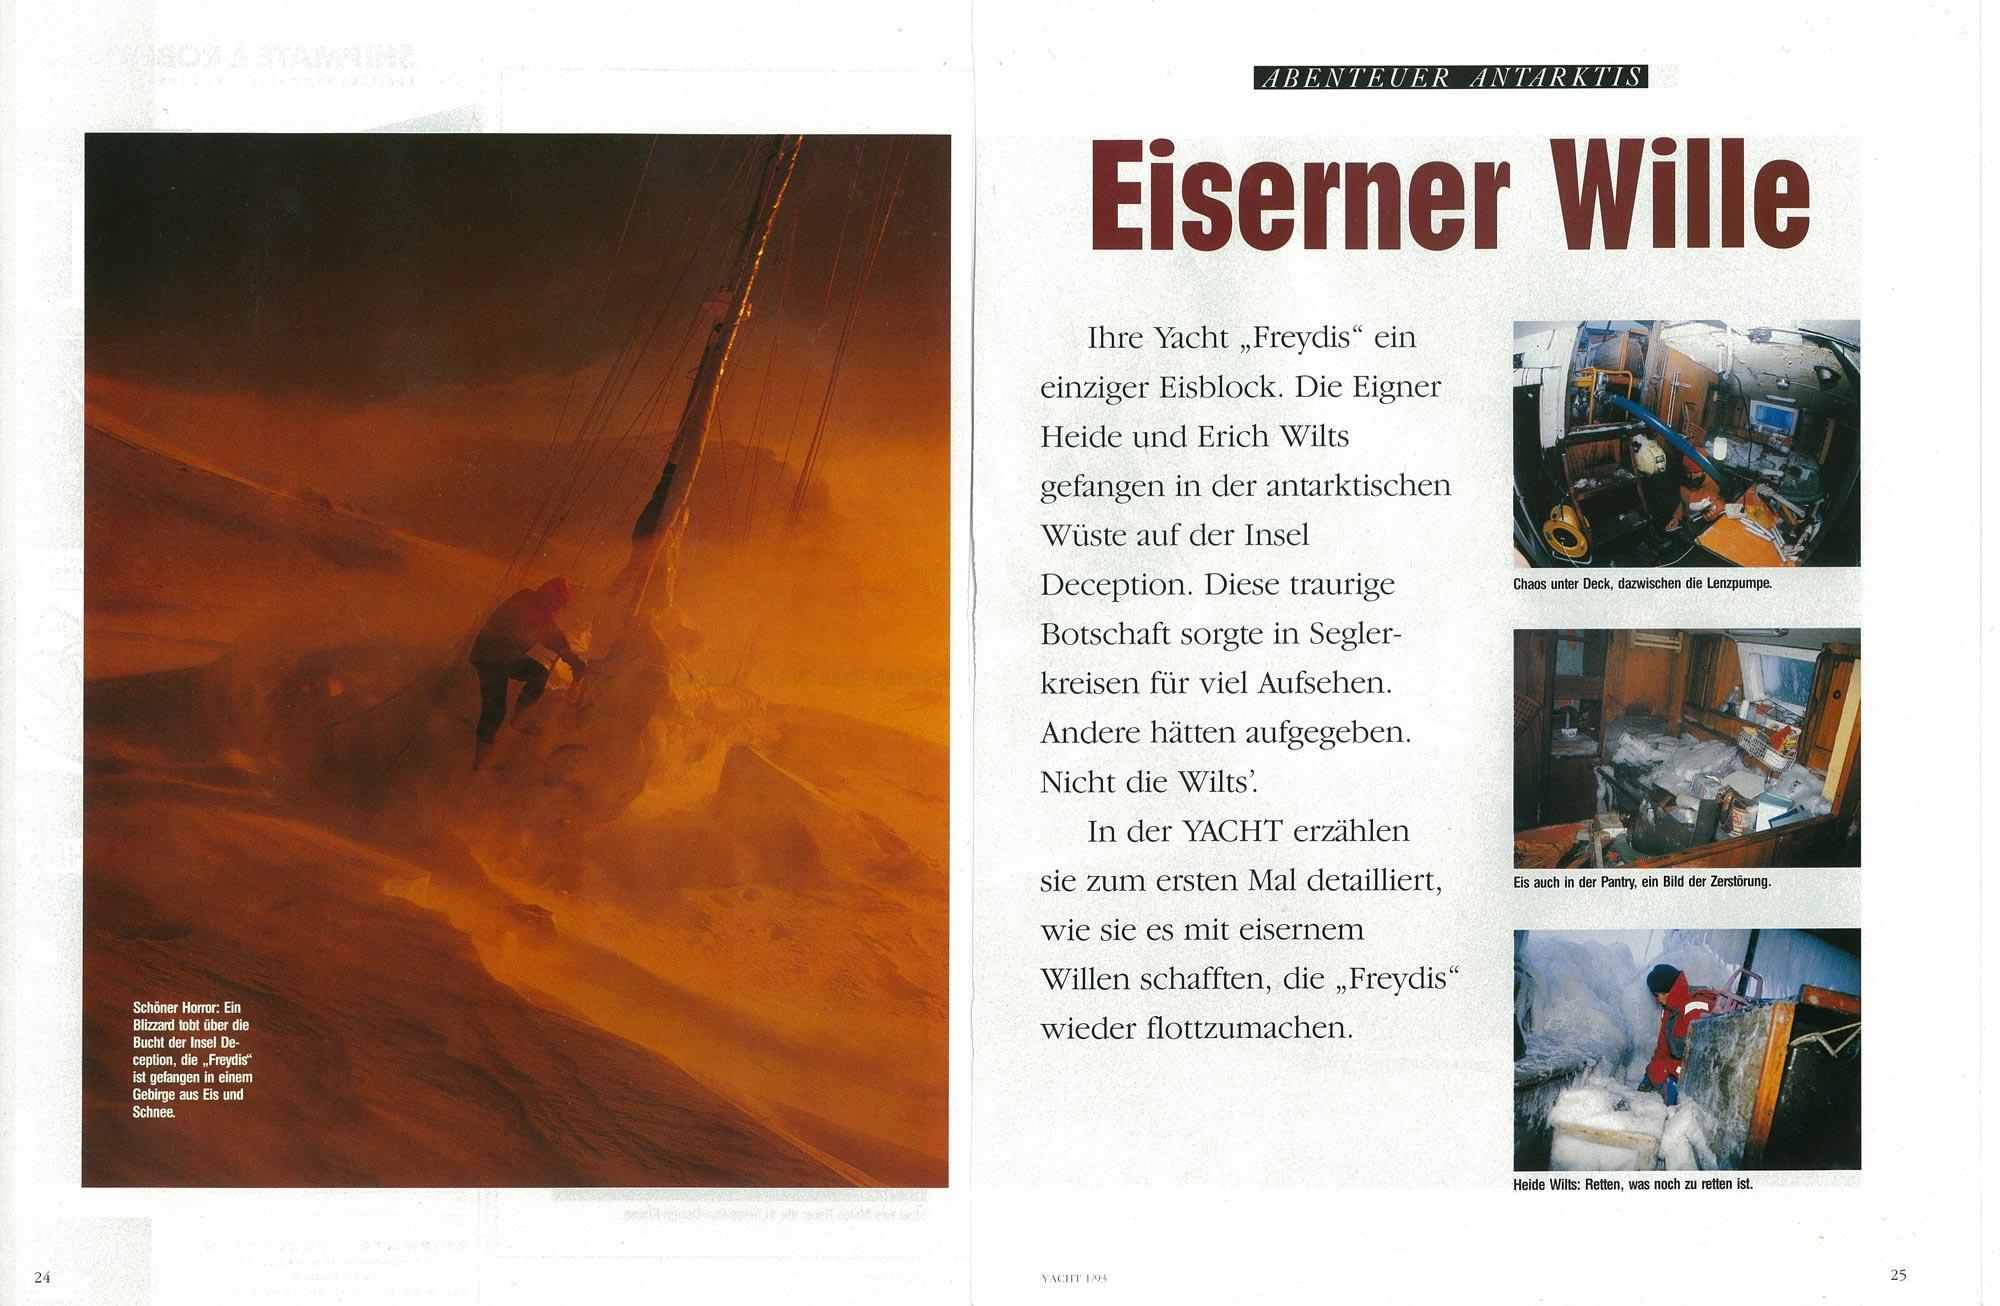 Eiserner Wille